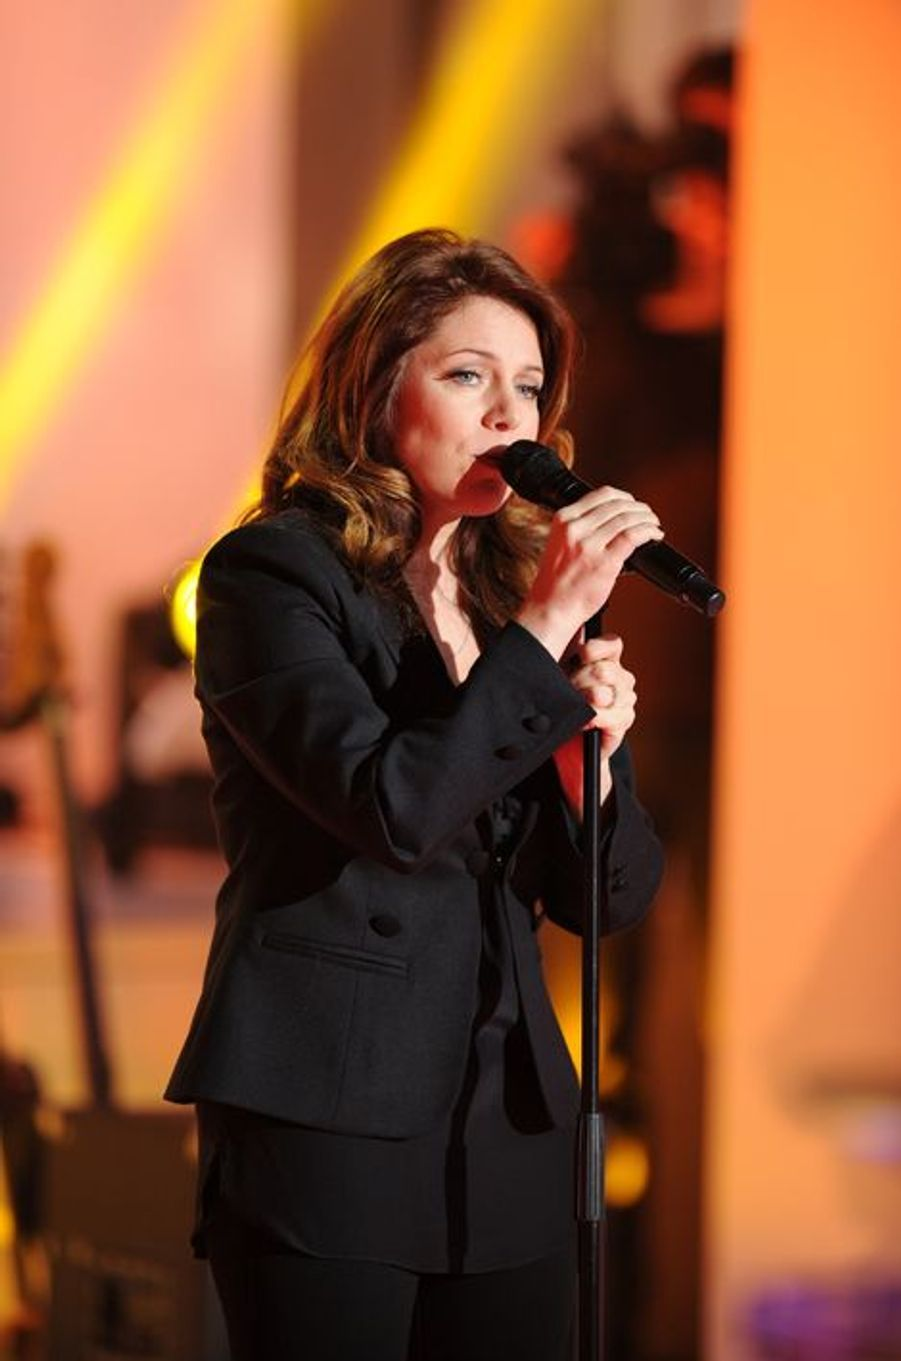 L'auteur réalise le premier album de la chanteuse québécoise, «Mieux qu'ici-bas» en 2000 et l'opus «Tout un jour» en 2004. Ils se retrouvent en 2011 pour l'album «Les grands espaces» sur lequel il s'occupe de la production, des arrangements et de l'écriture de certains titres. Ils partagent également le duo «Summer Wine».